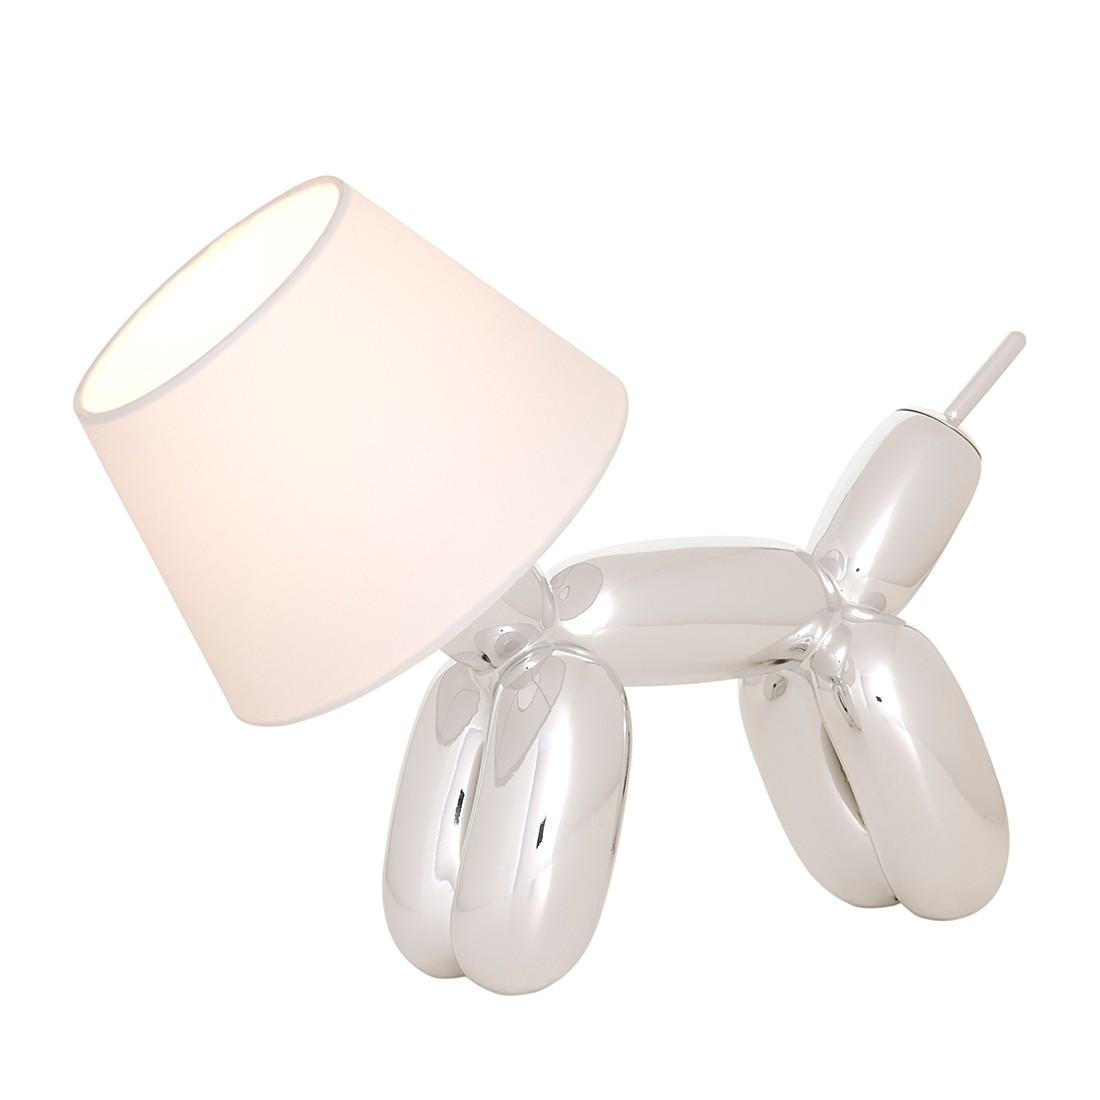 Tischleuchte Doggy ● Silber/Weiß ● 1-flammig- Sompex A++